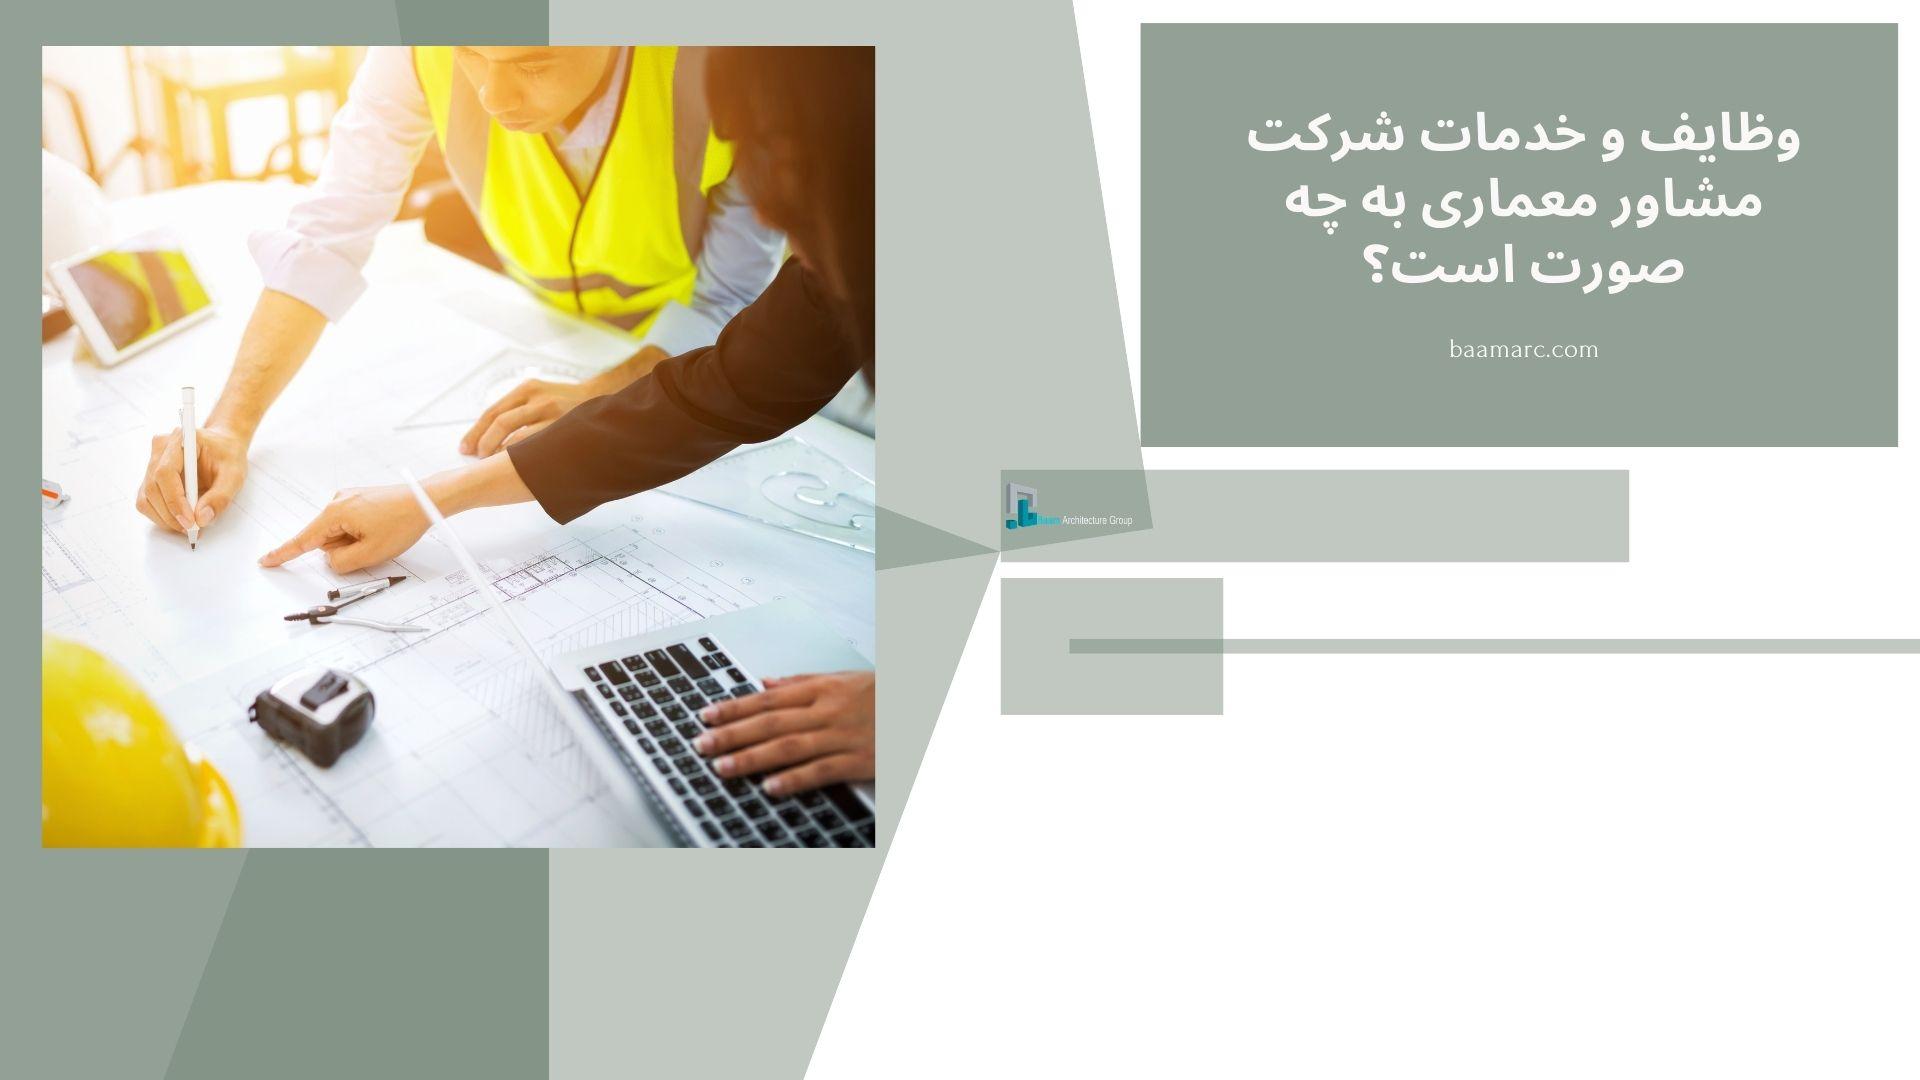 وظایف و خدمات شرکت مشاور معماری به چه صورت است؟